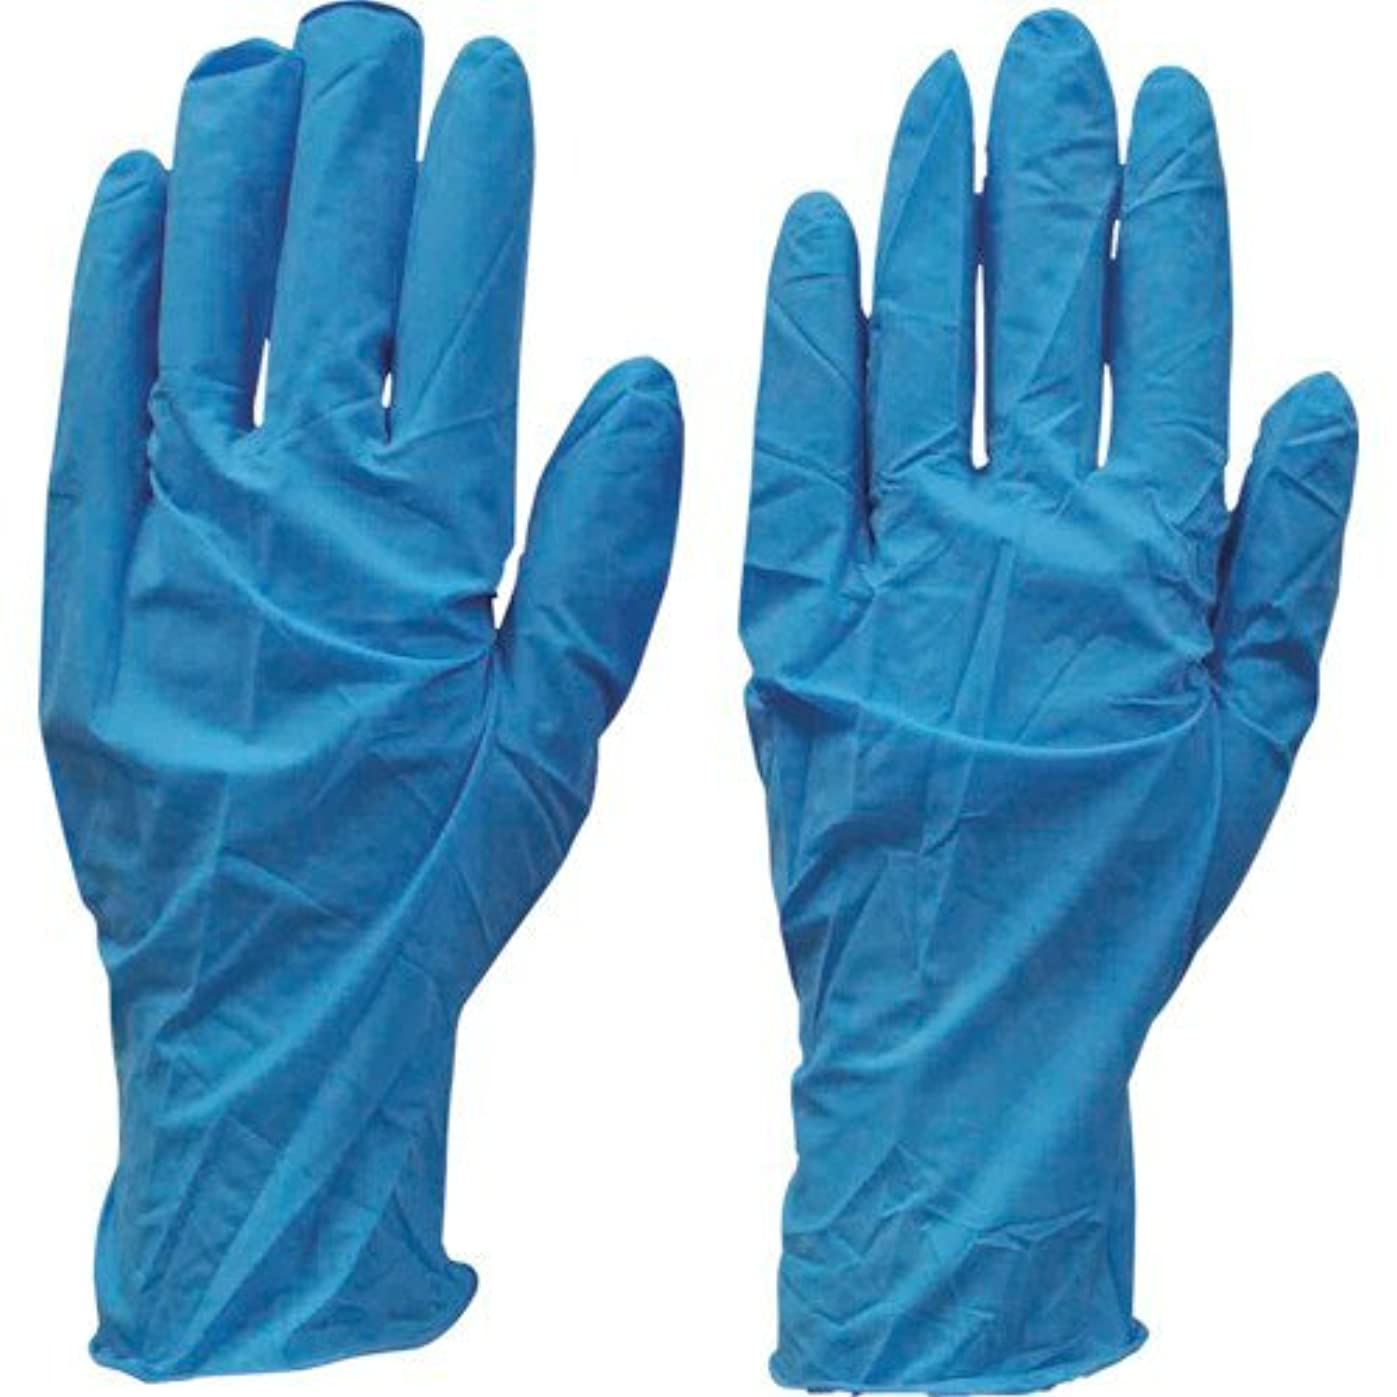 欺く氷神経ダンロップ N-211 天然ゴム極うす手袋100枚入 Sブルー N211SB